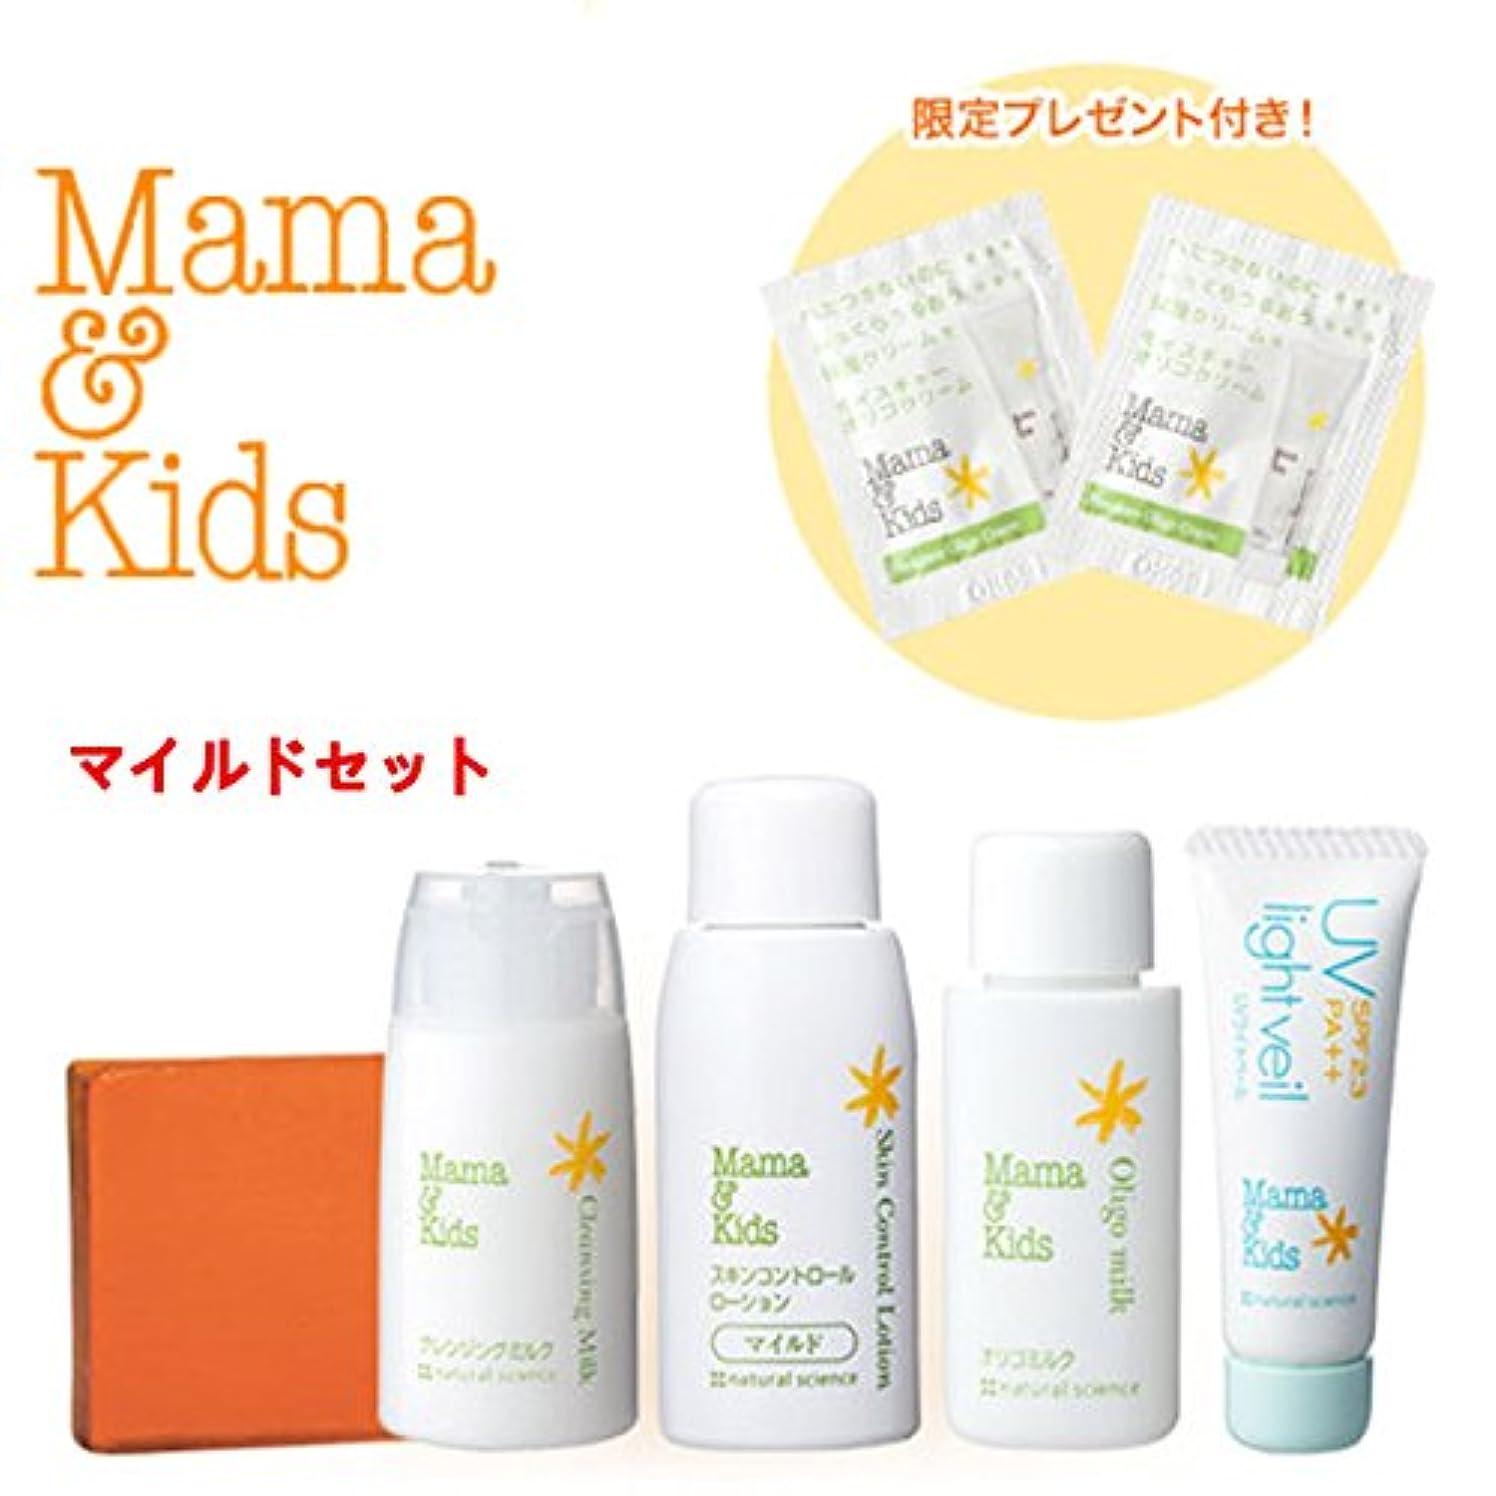 前者扇動する干渉するママ&キッズぷるぷるお肌トライアルセット(マイルド)/Mama&Kids SkinCare Travel set/孕期基础护肤试用装普通保湿